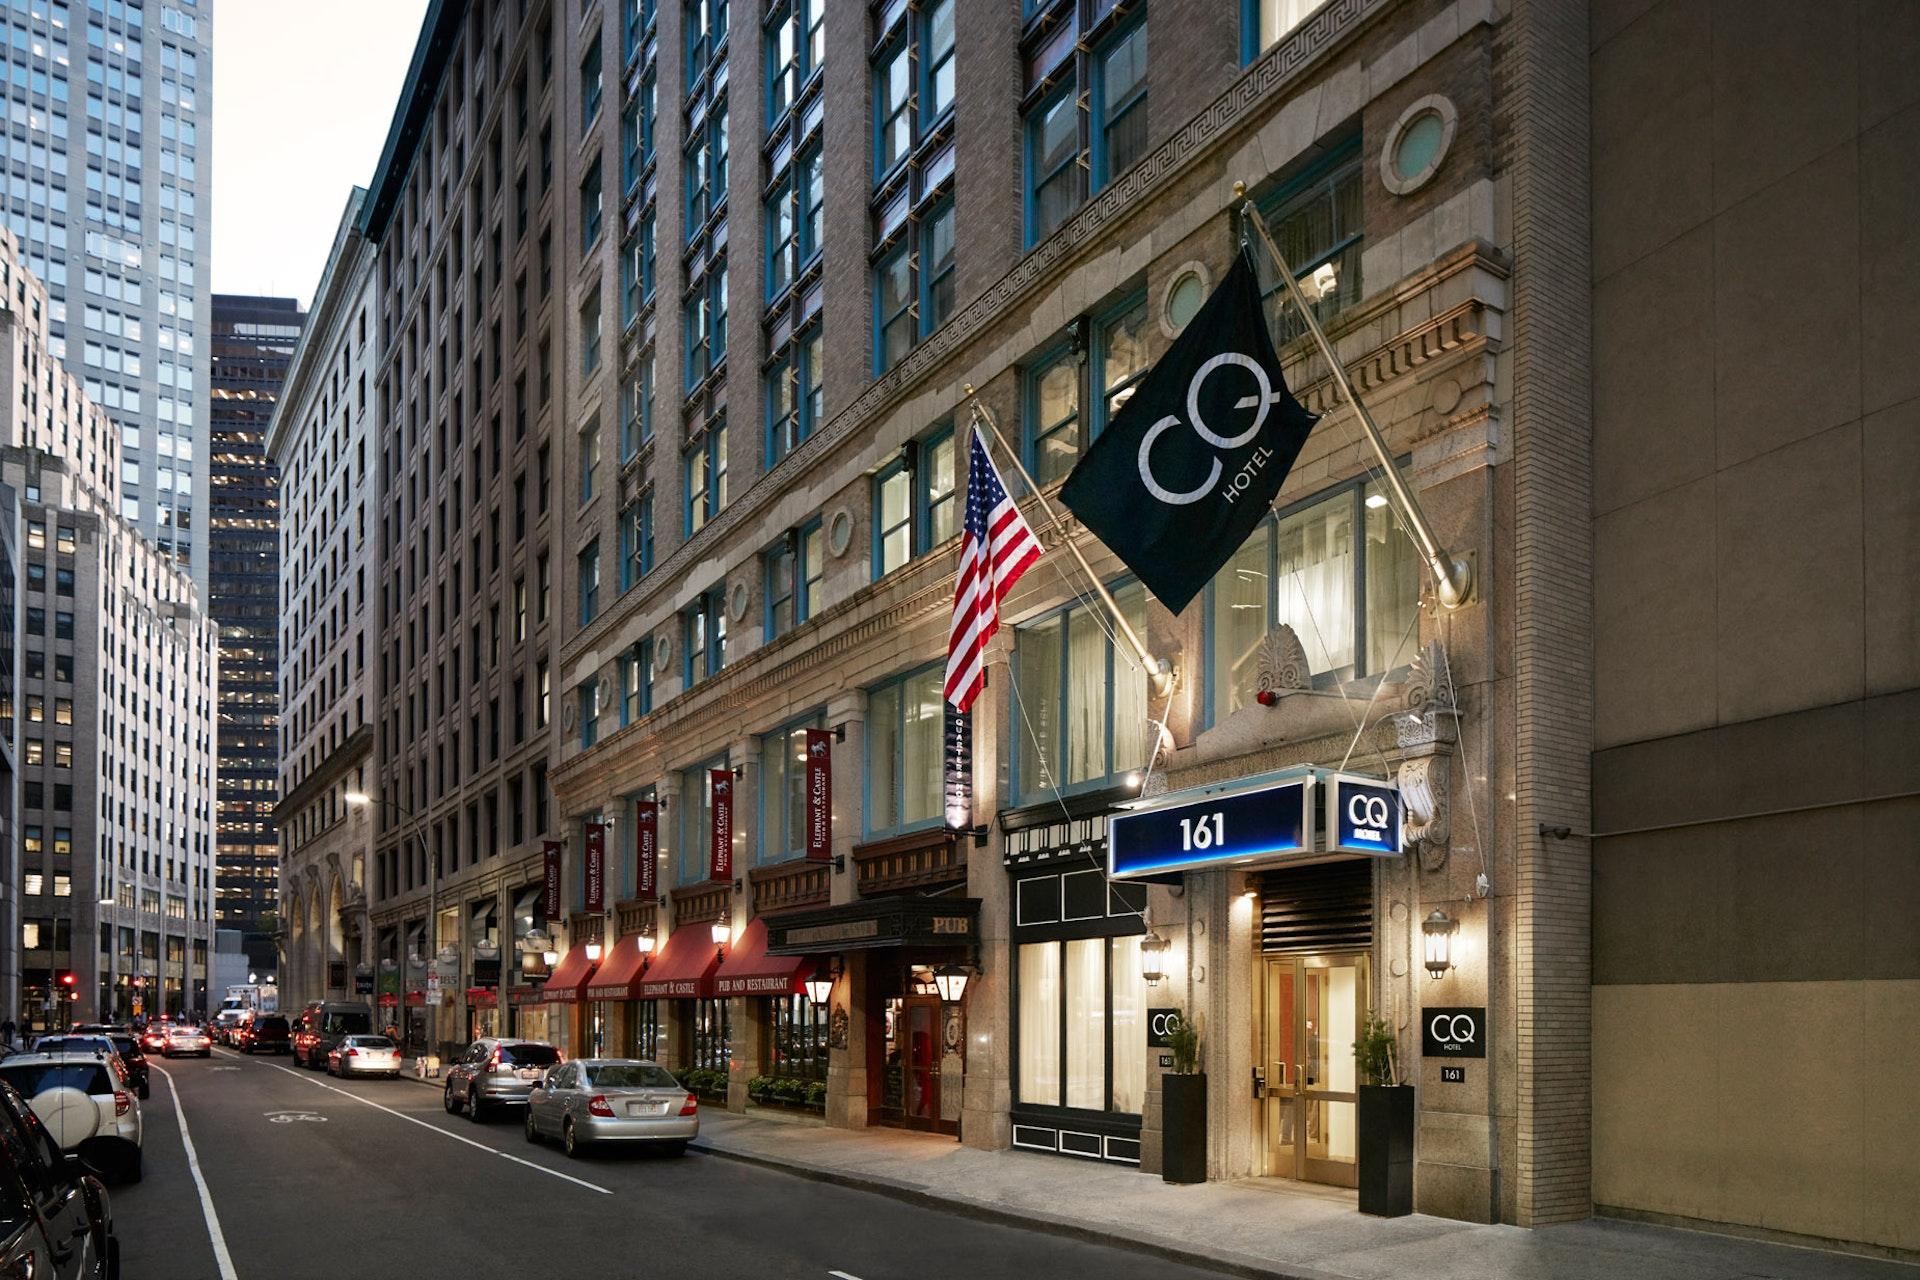 Exterior of Club Quarters Hotel in Boston